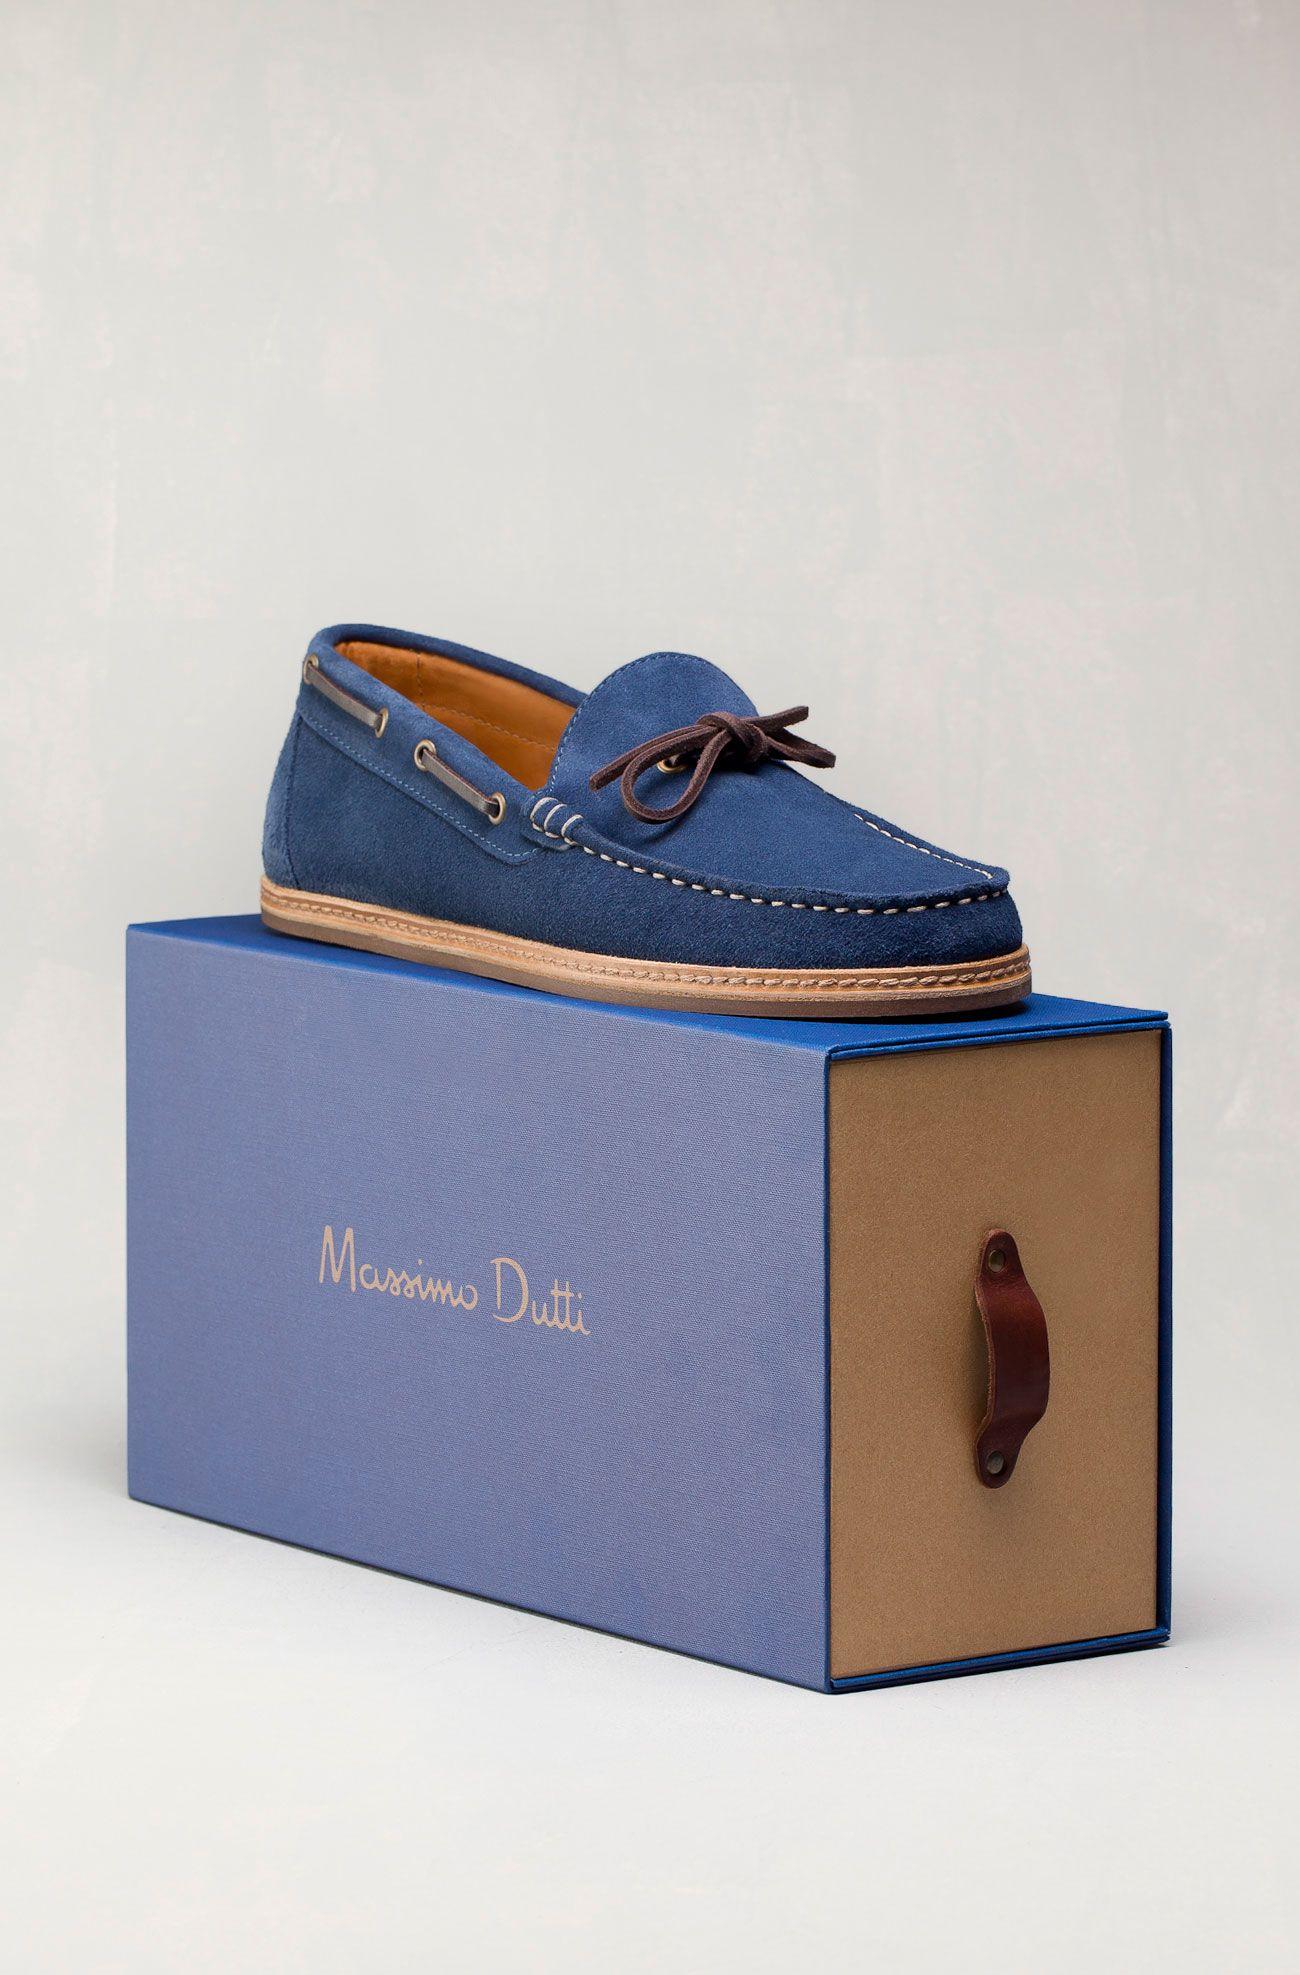 massimodutti shoe box Shoes box Pinterest